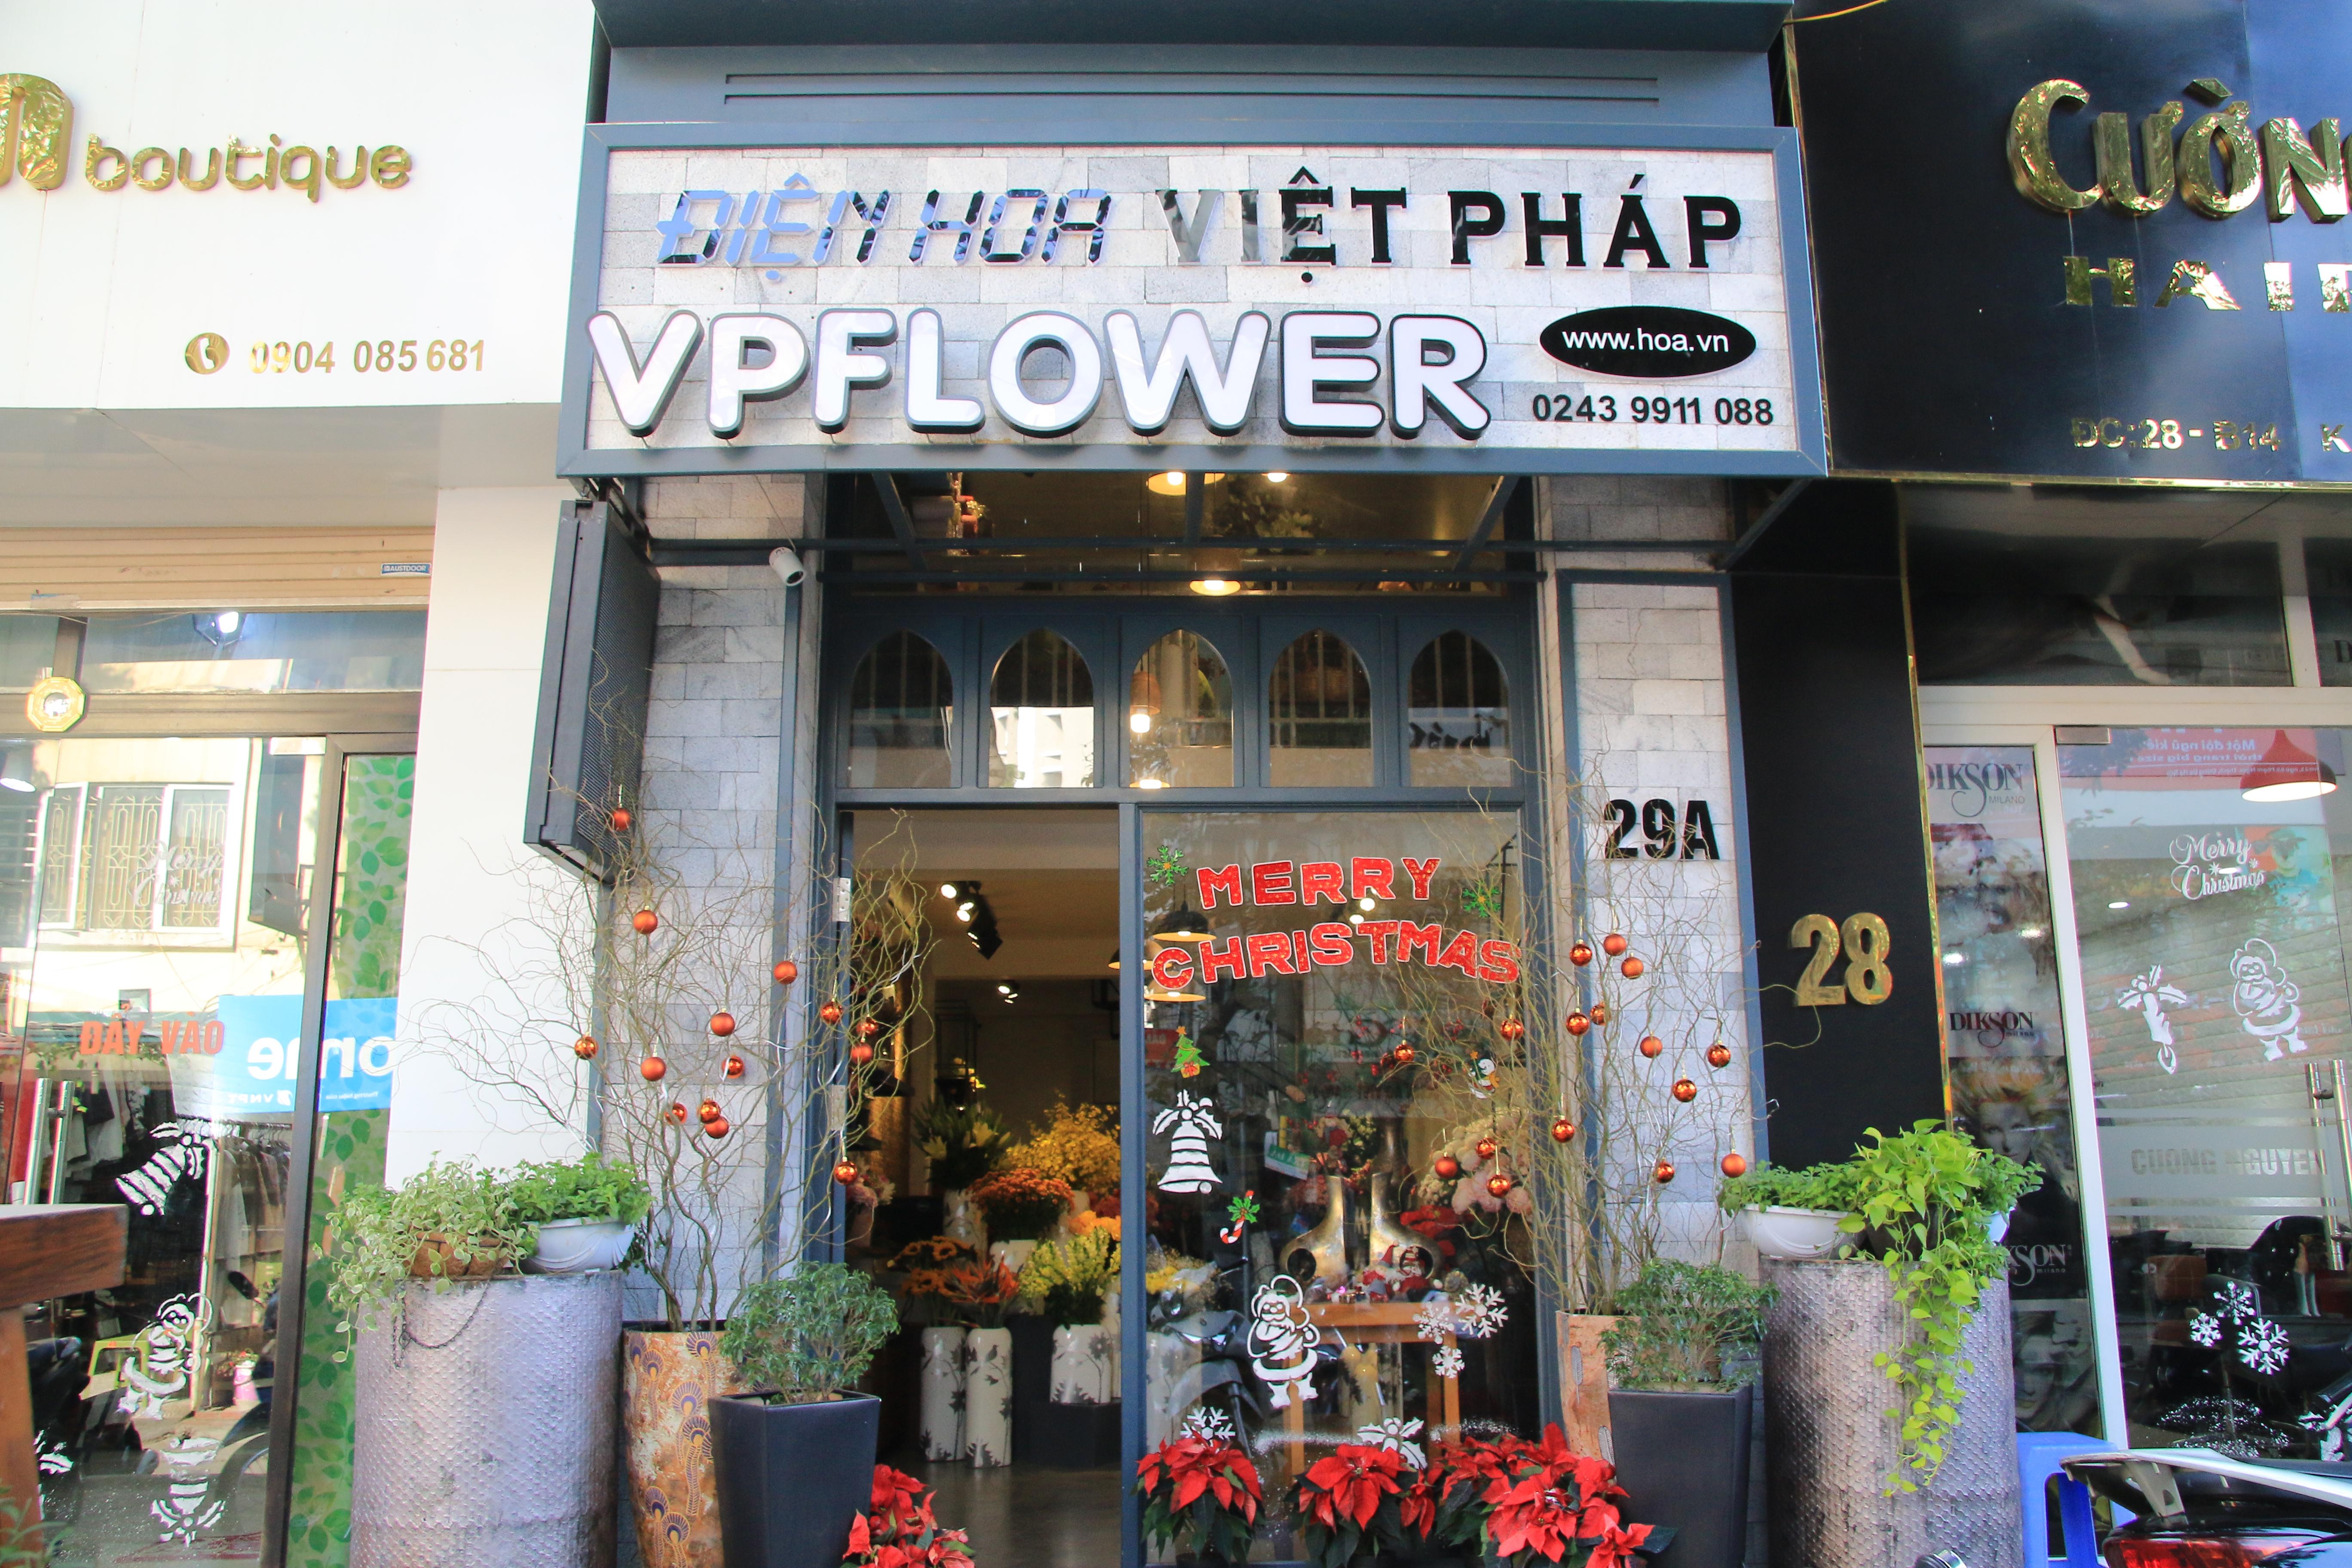 Hoa Việt Pháp tuyển dụng vị trí Người vận chuyển